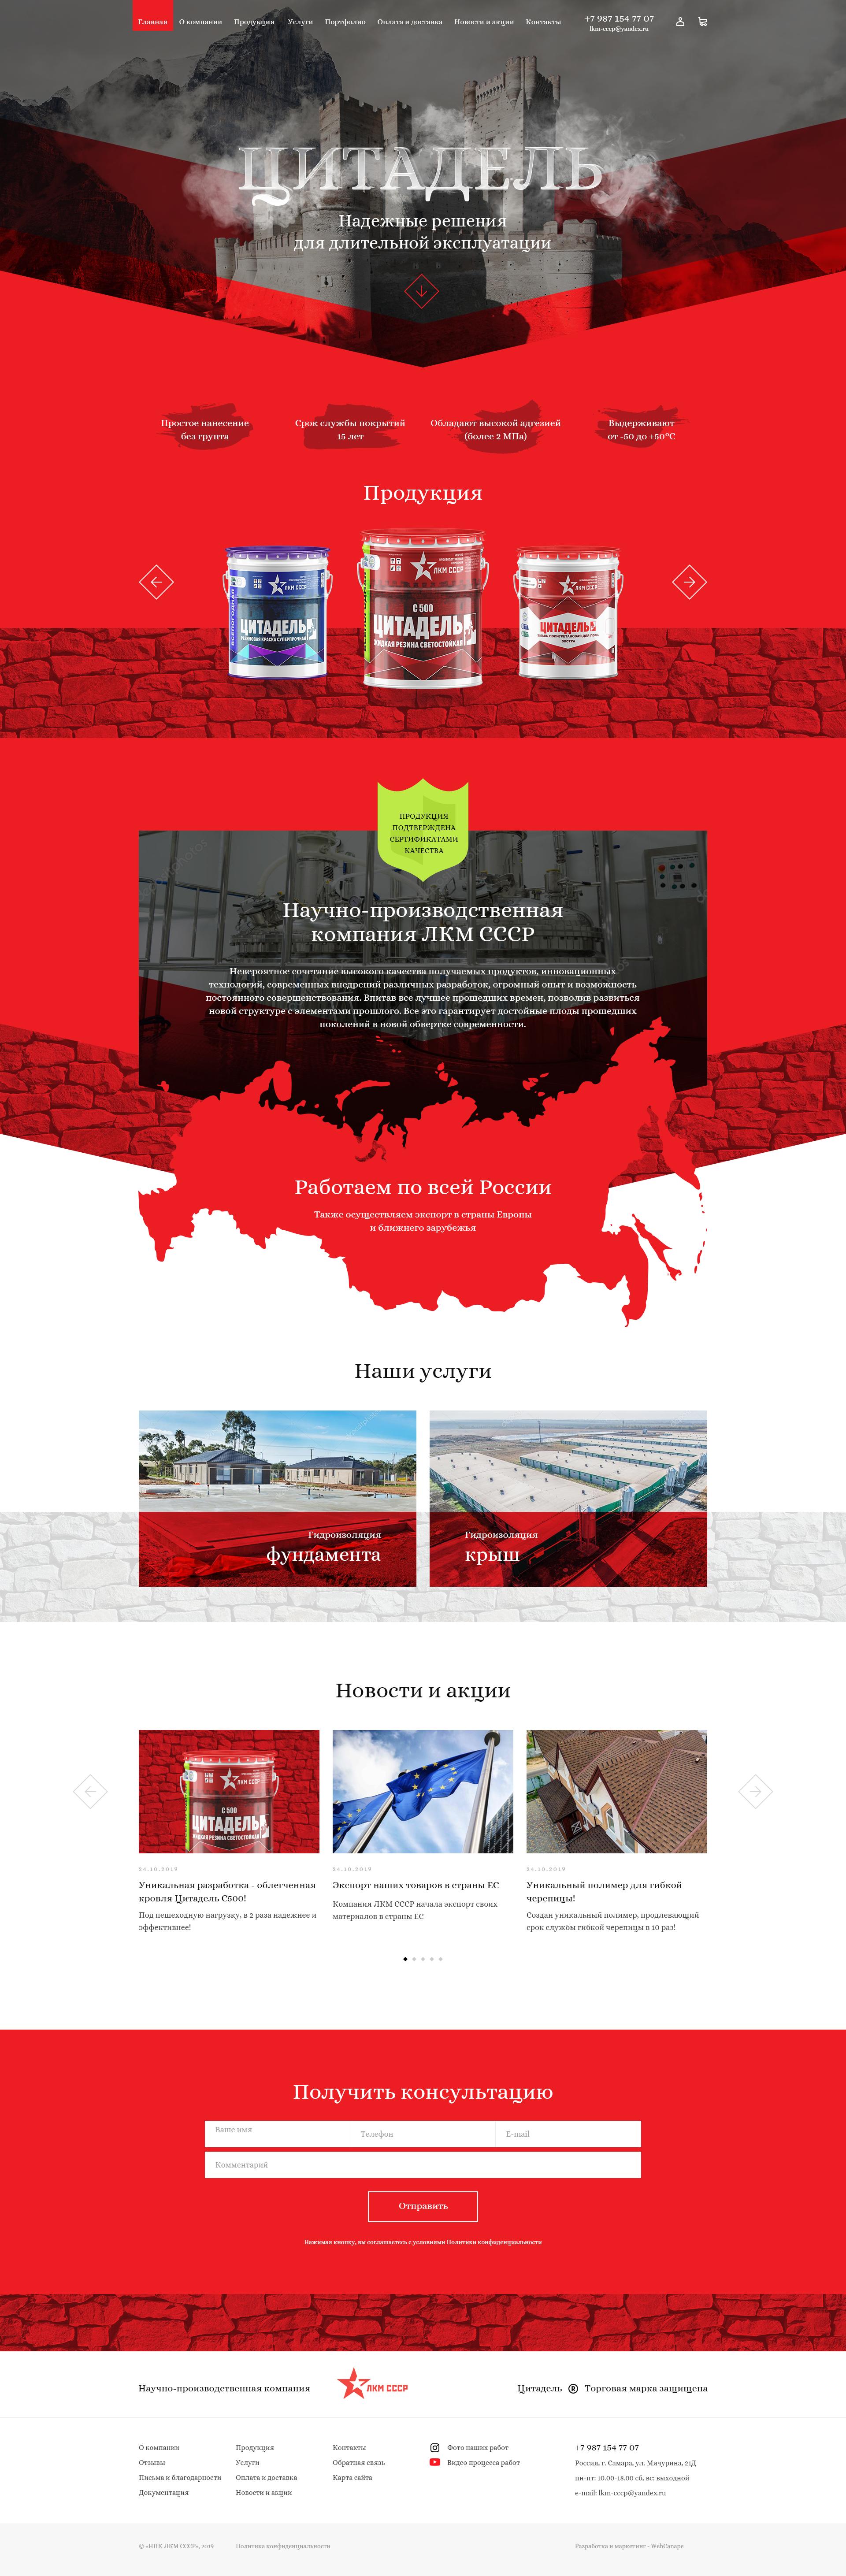 Создание сайта для научно-производственной компании ЛКМ СССР